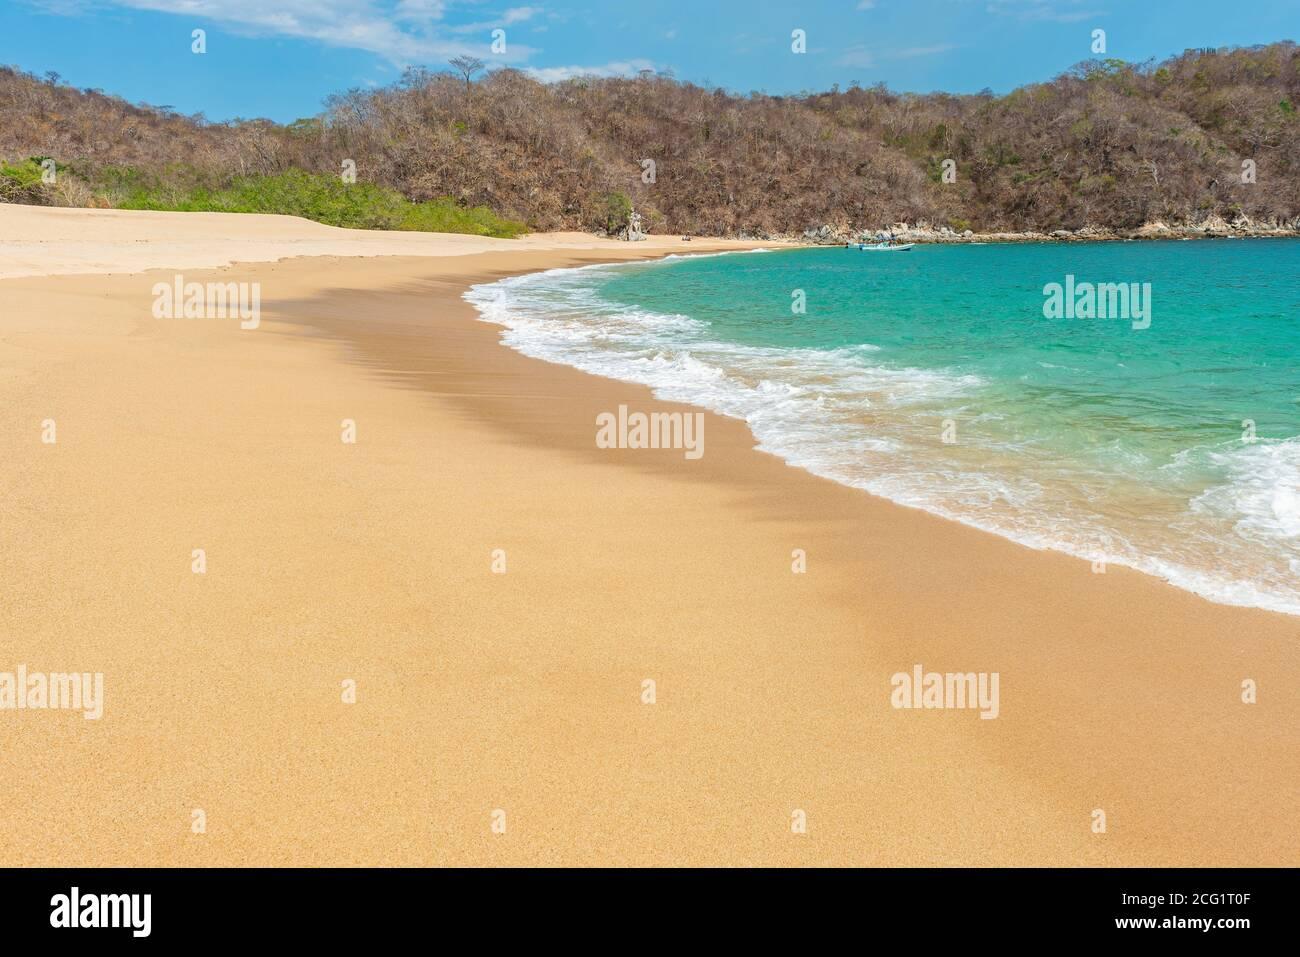 Vista clásica de la bahía y la playa en el complejo turístico Huatulco junto al Océano Pacífico durante el día en el estado de Oaxaca, México. Enfoque en la onda. Foto de stock